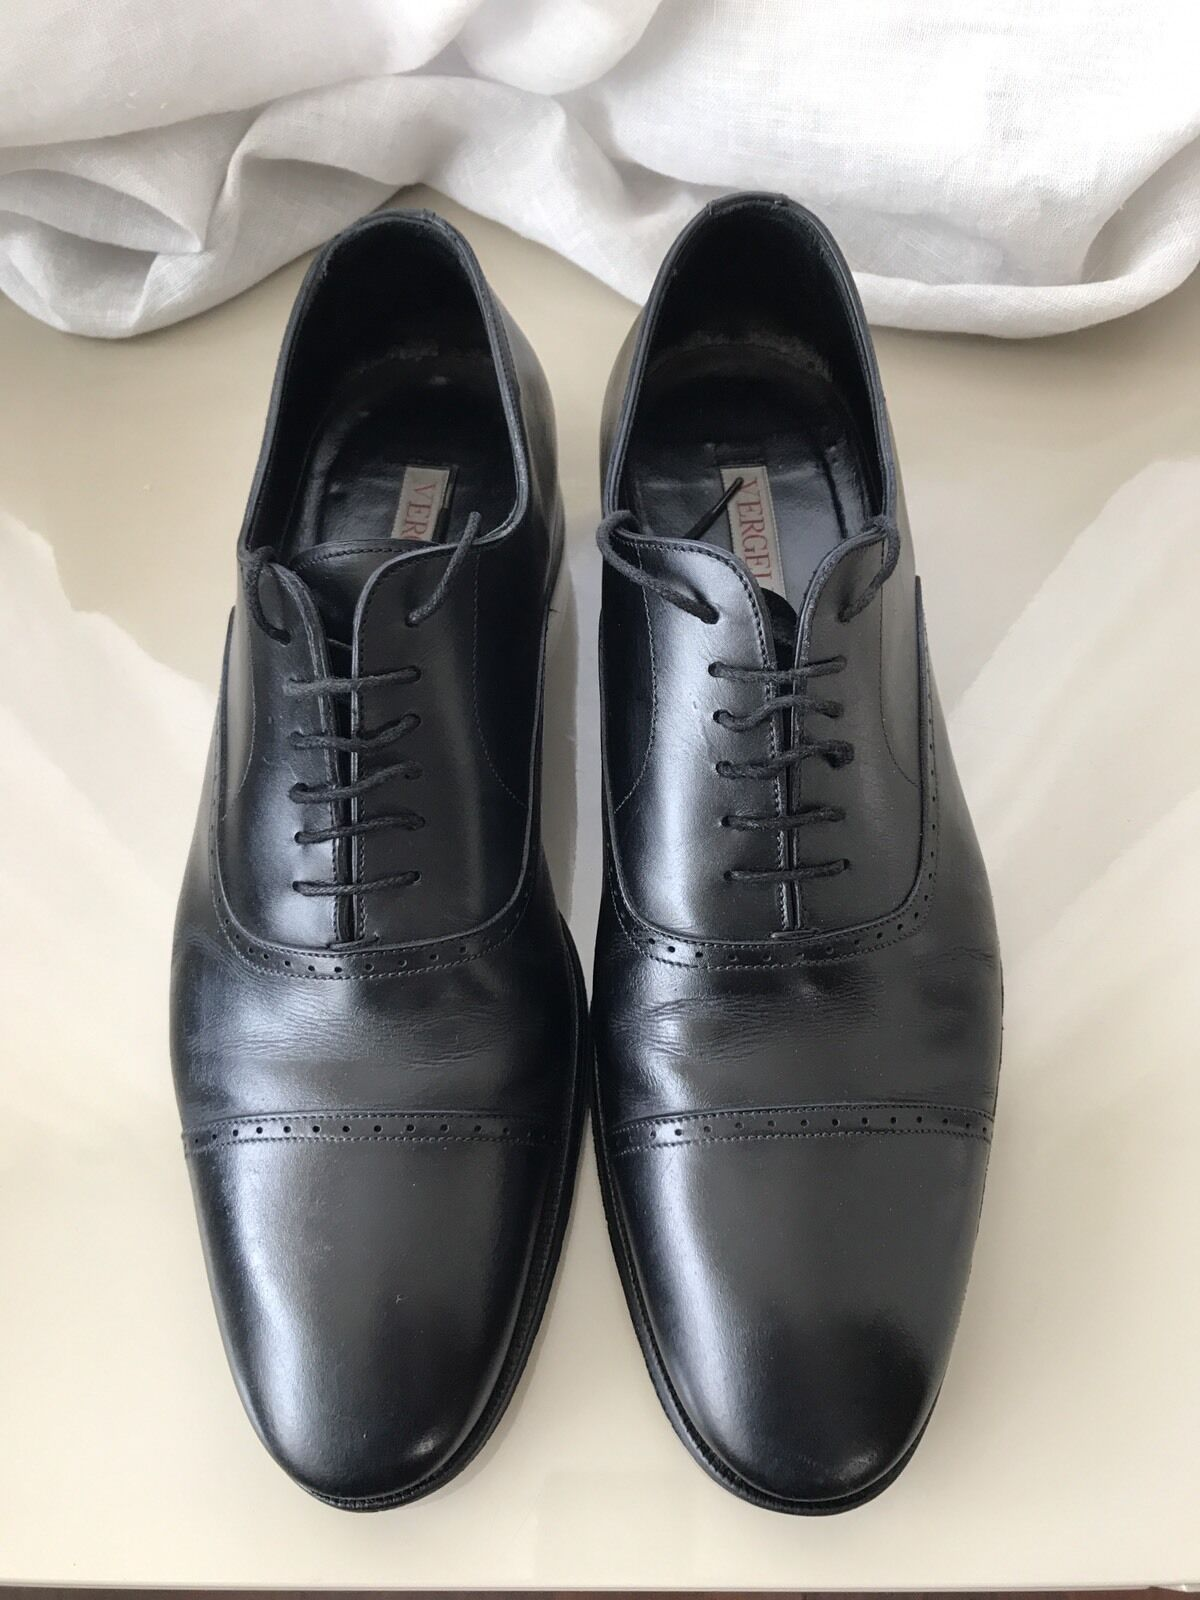 marche online vendita a basso costo VERGELIO SCARPE SCARPE SCARPE UOMO  MADE IN ITALY ITALIAN scarpe FOR Uomo MIS . 42  risparmia il 60% di sconto e la spedizione veloce in tutto il mondo